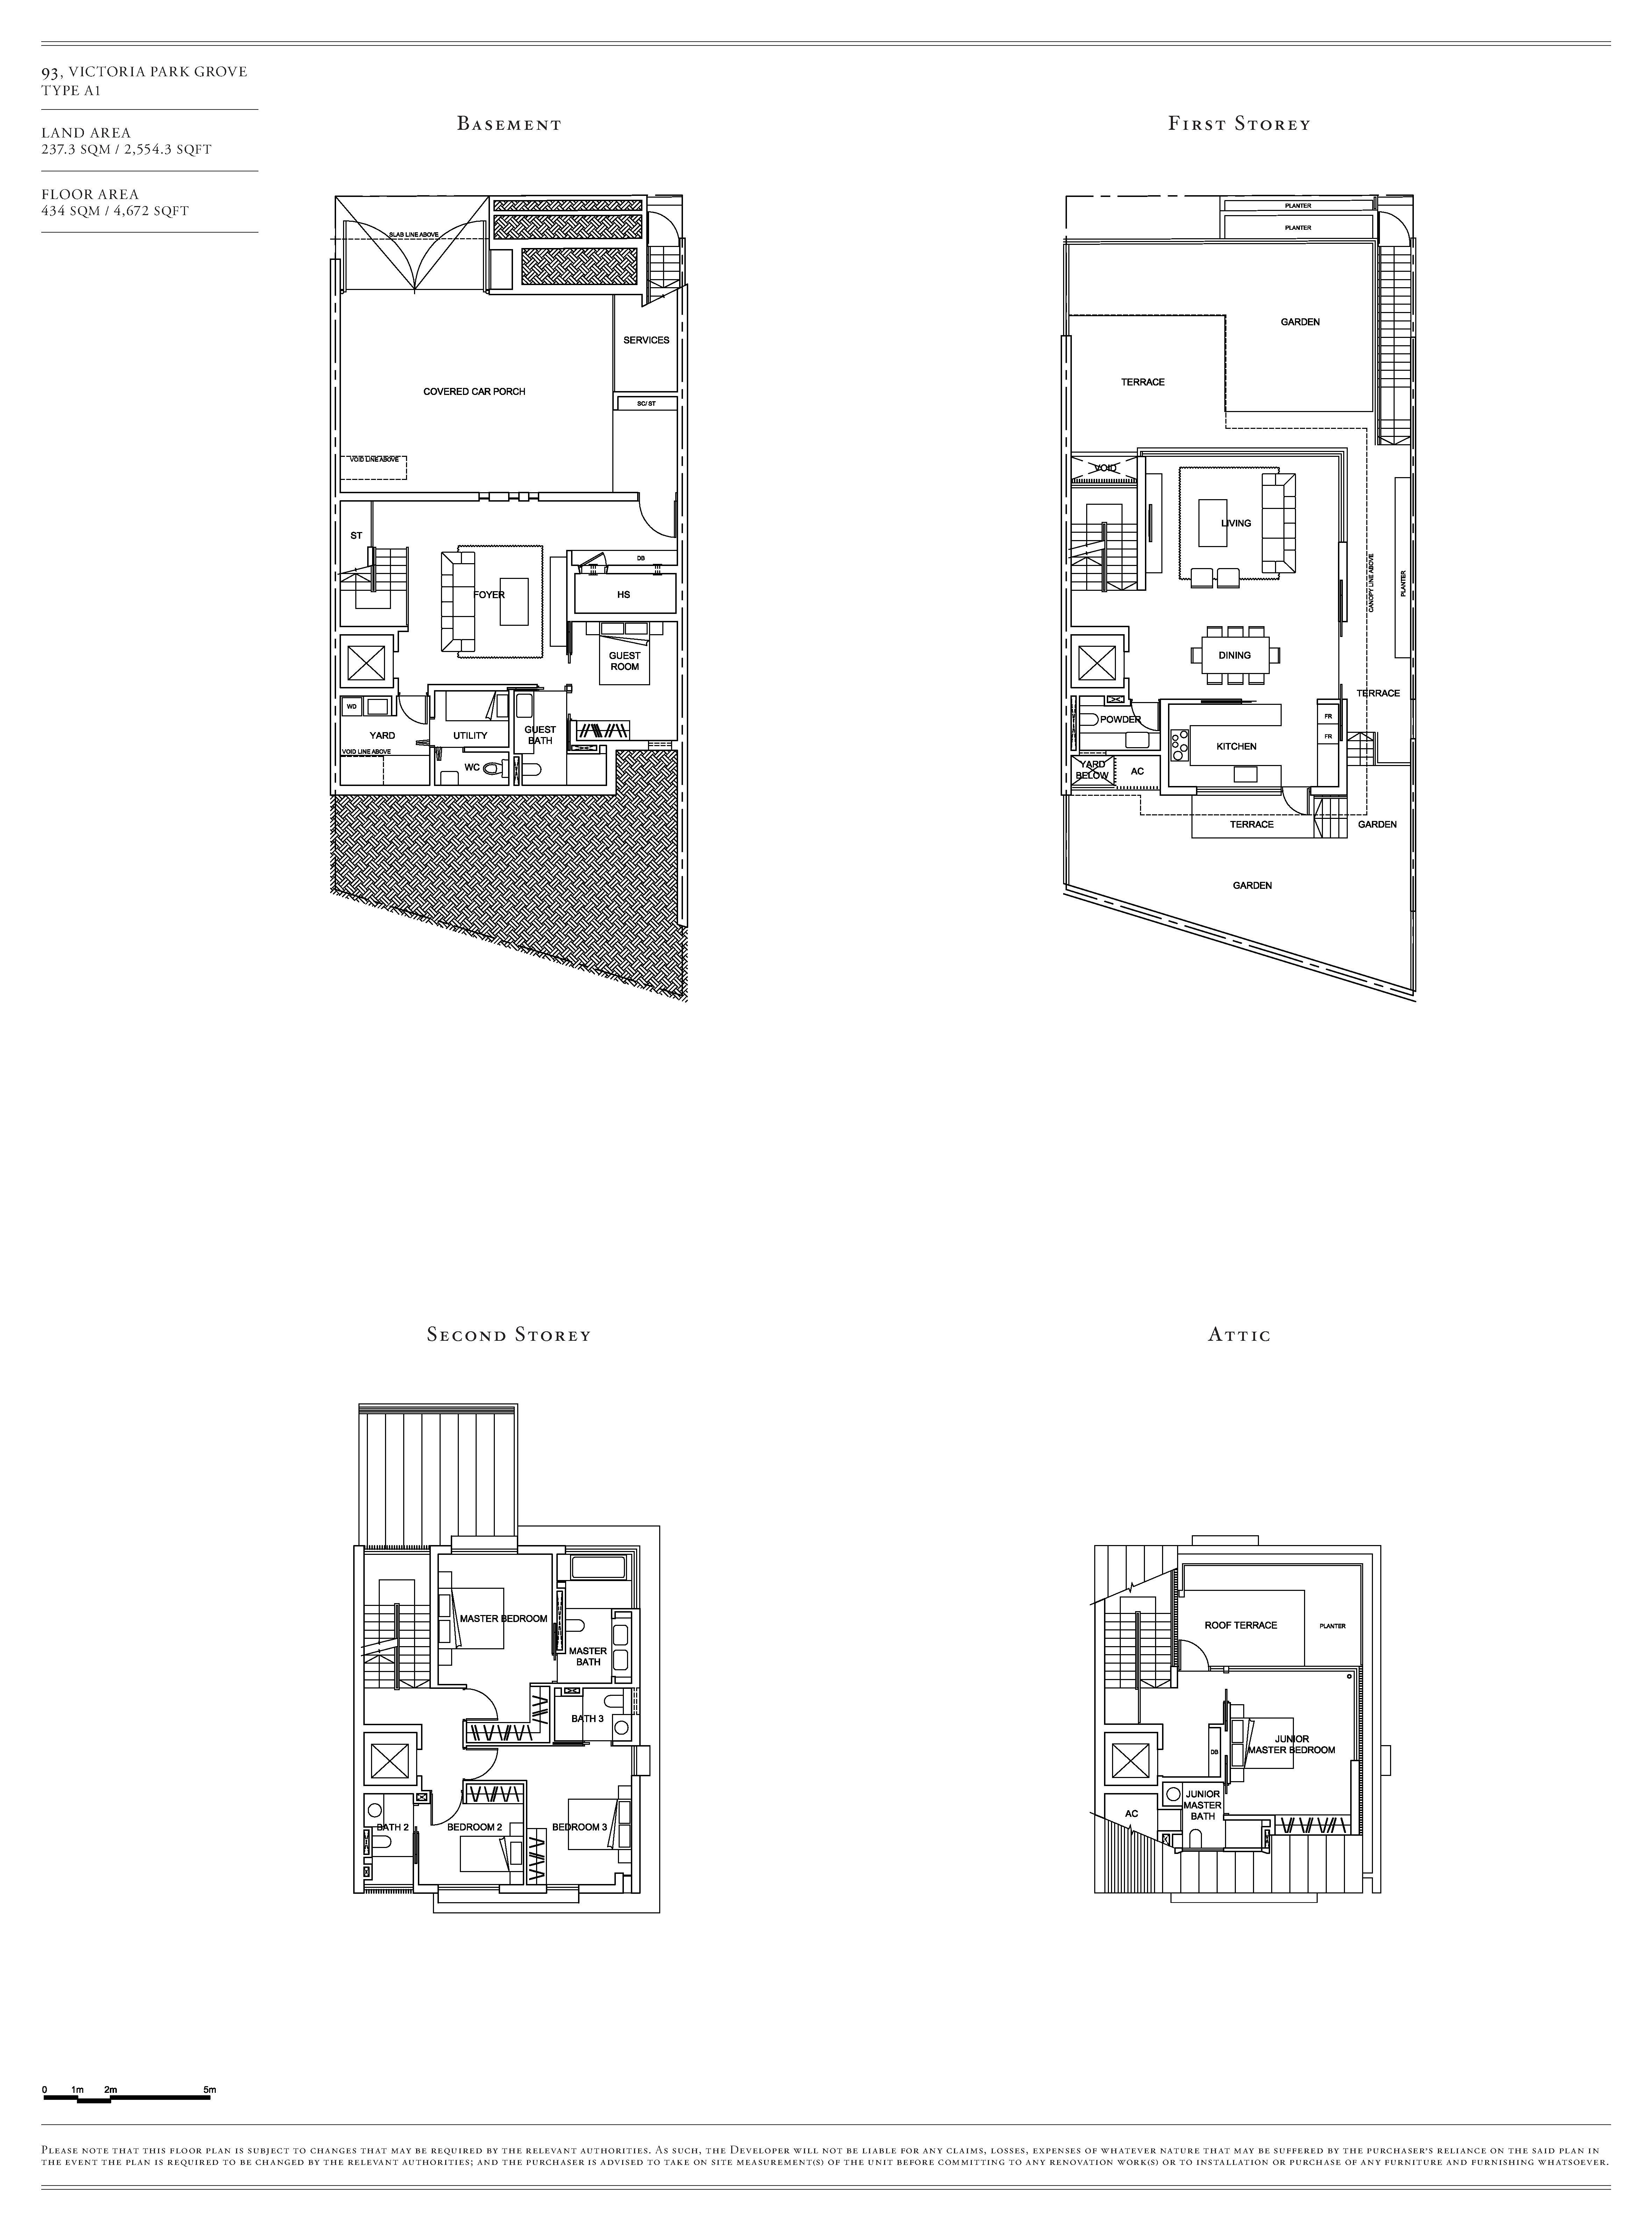 Victoria Park Villas House 93 Type A1 Floor Plans